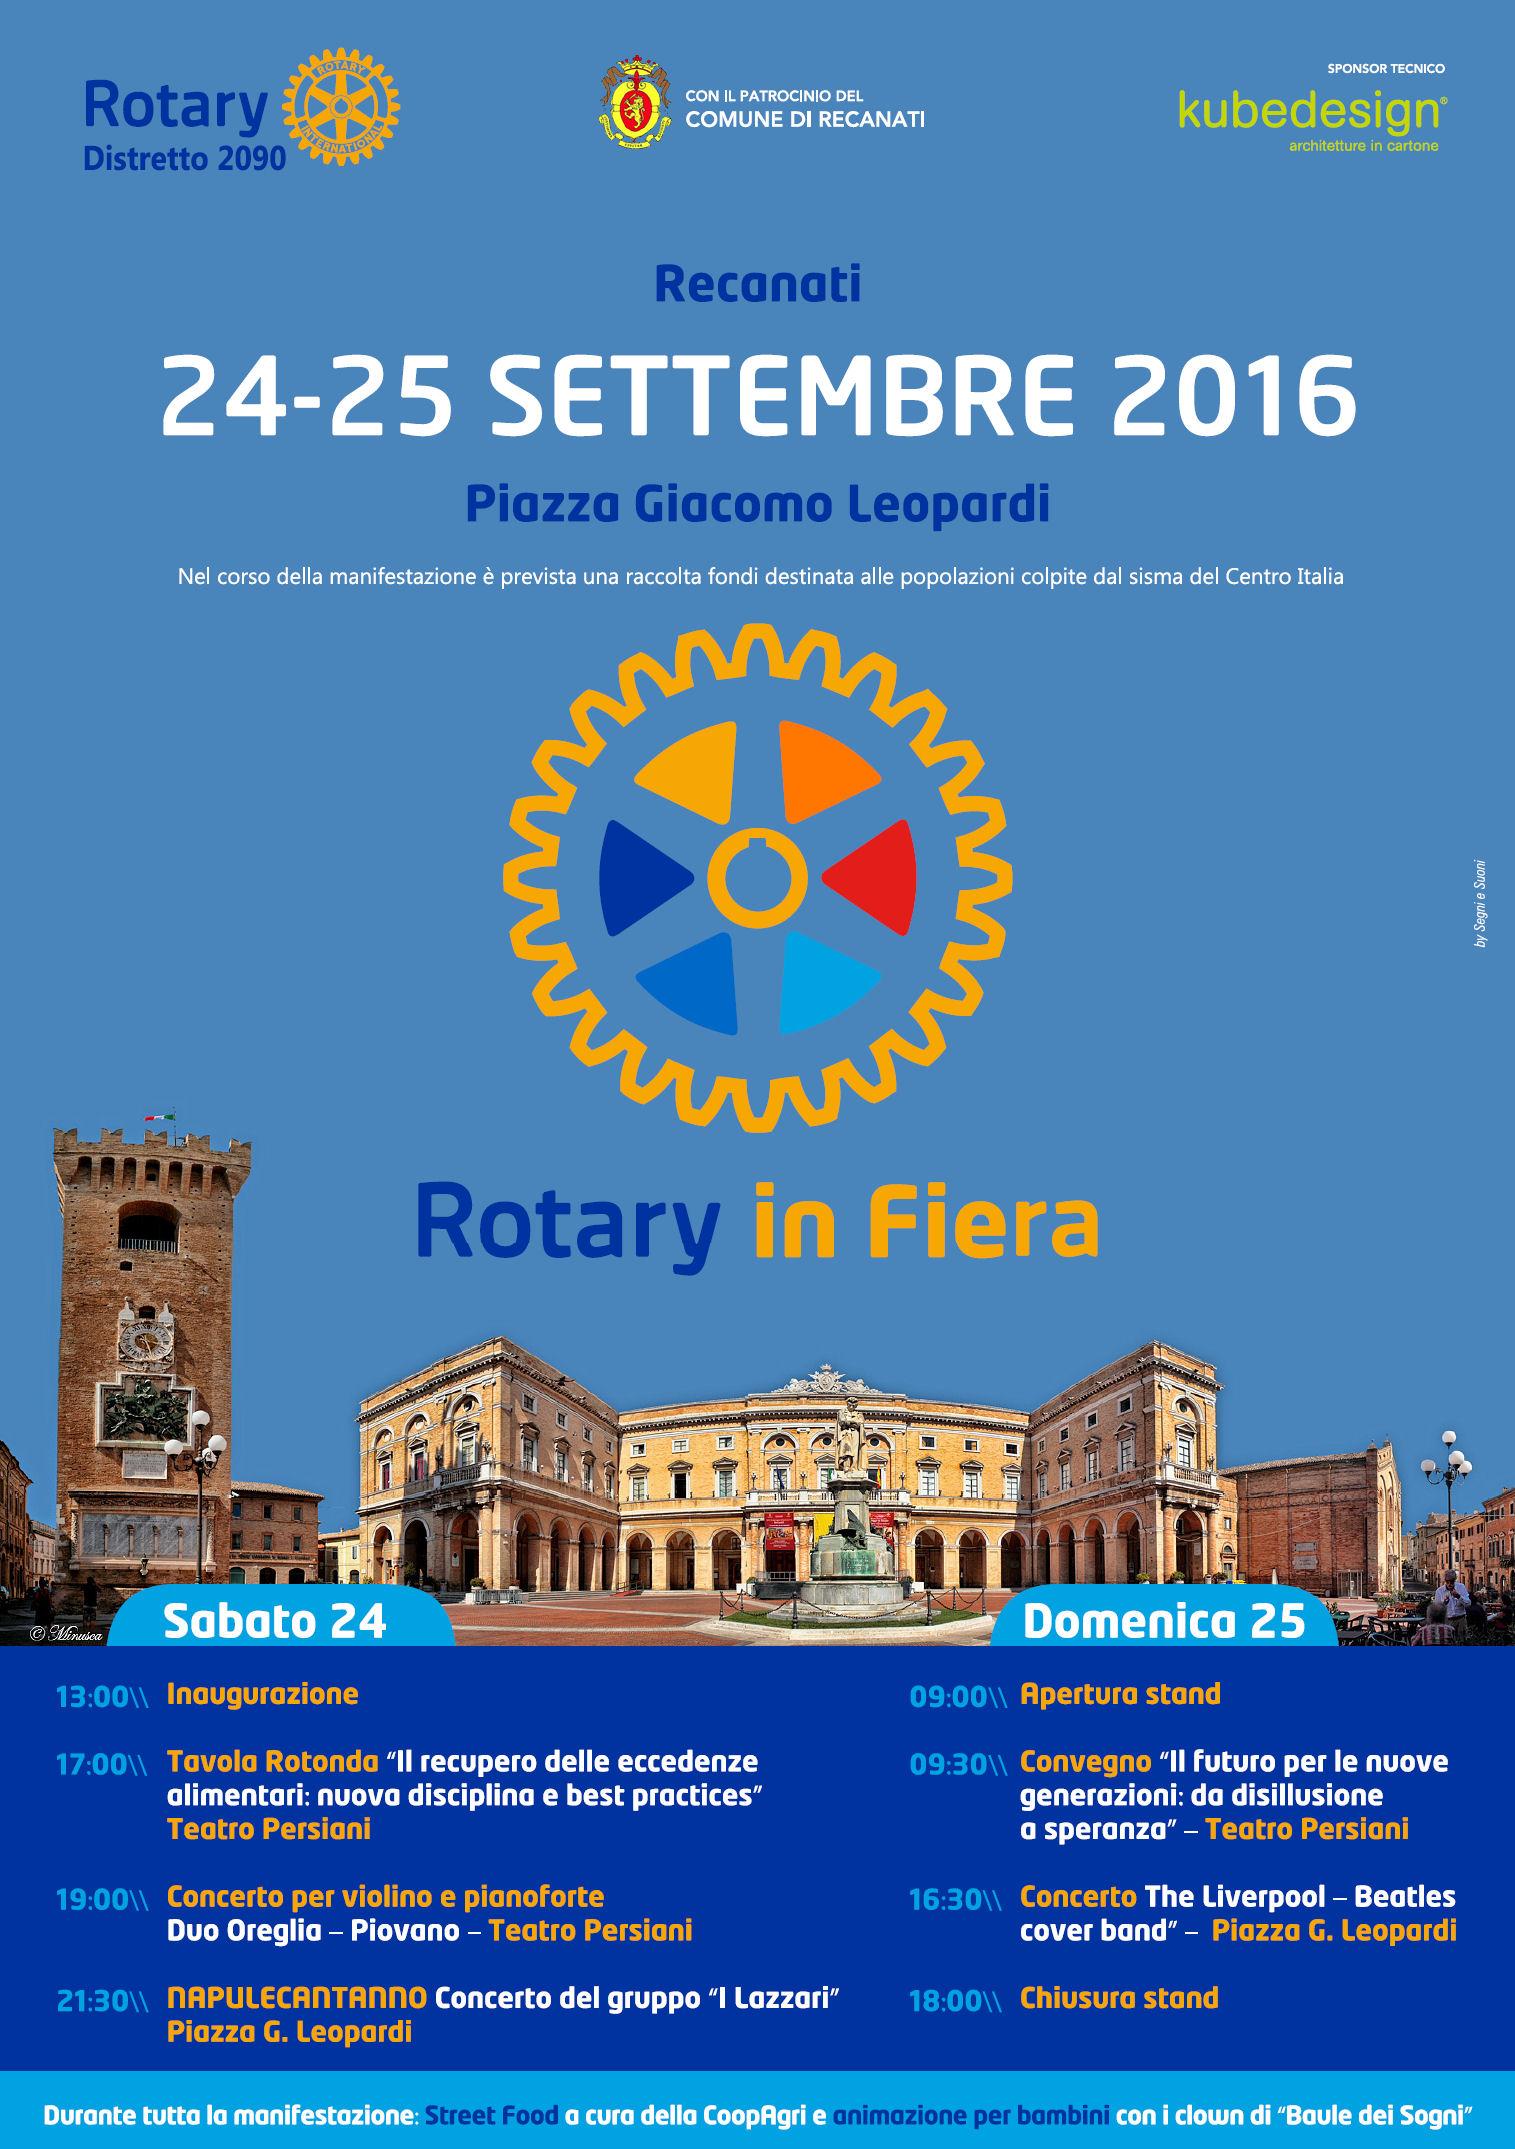 Miniatura per l'articolo intitolato:Rotary in Fiera, Recanati 24 e 25 settembre